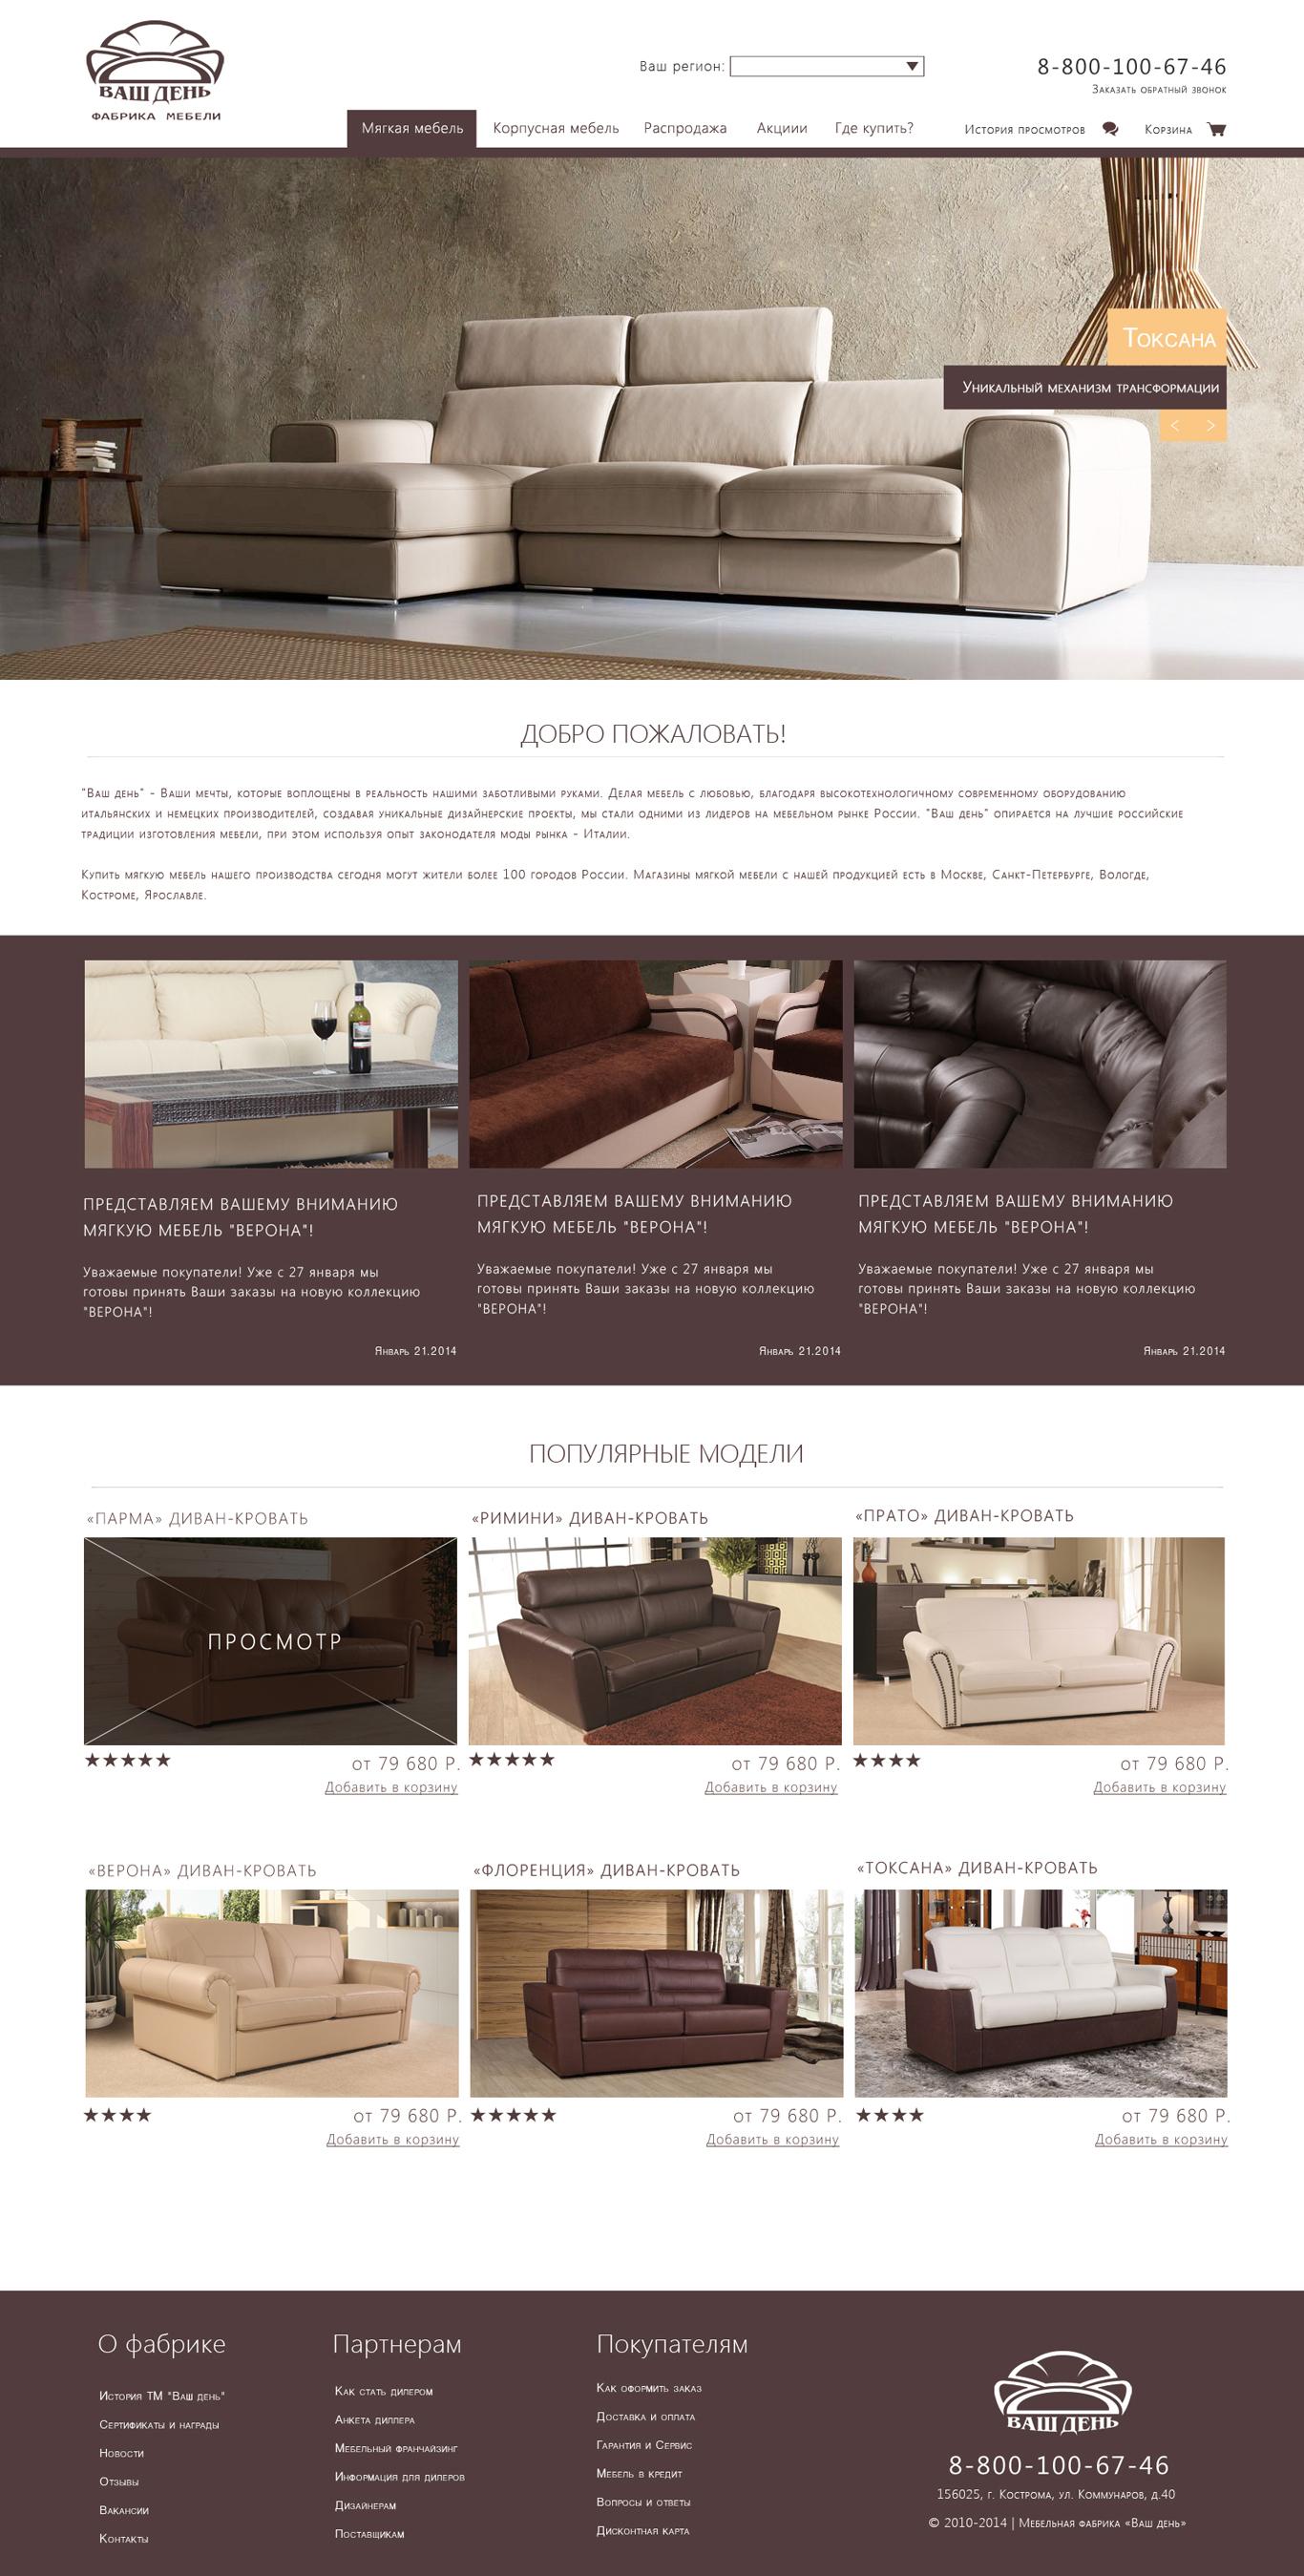 Разработать дизайн для интернет-магазина мебели фото f_97752f213123cab1.jpg